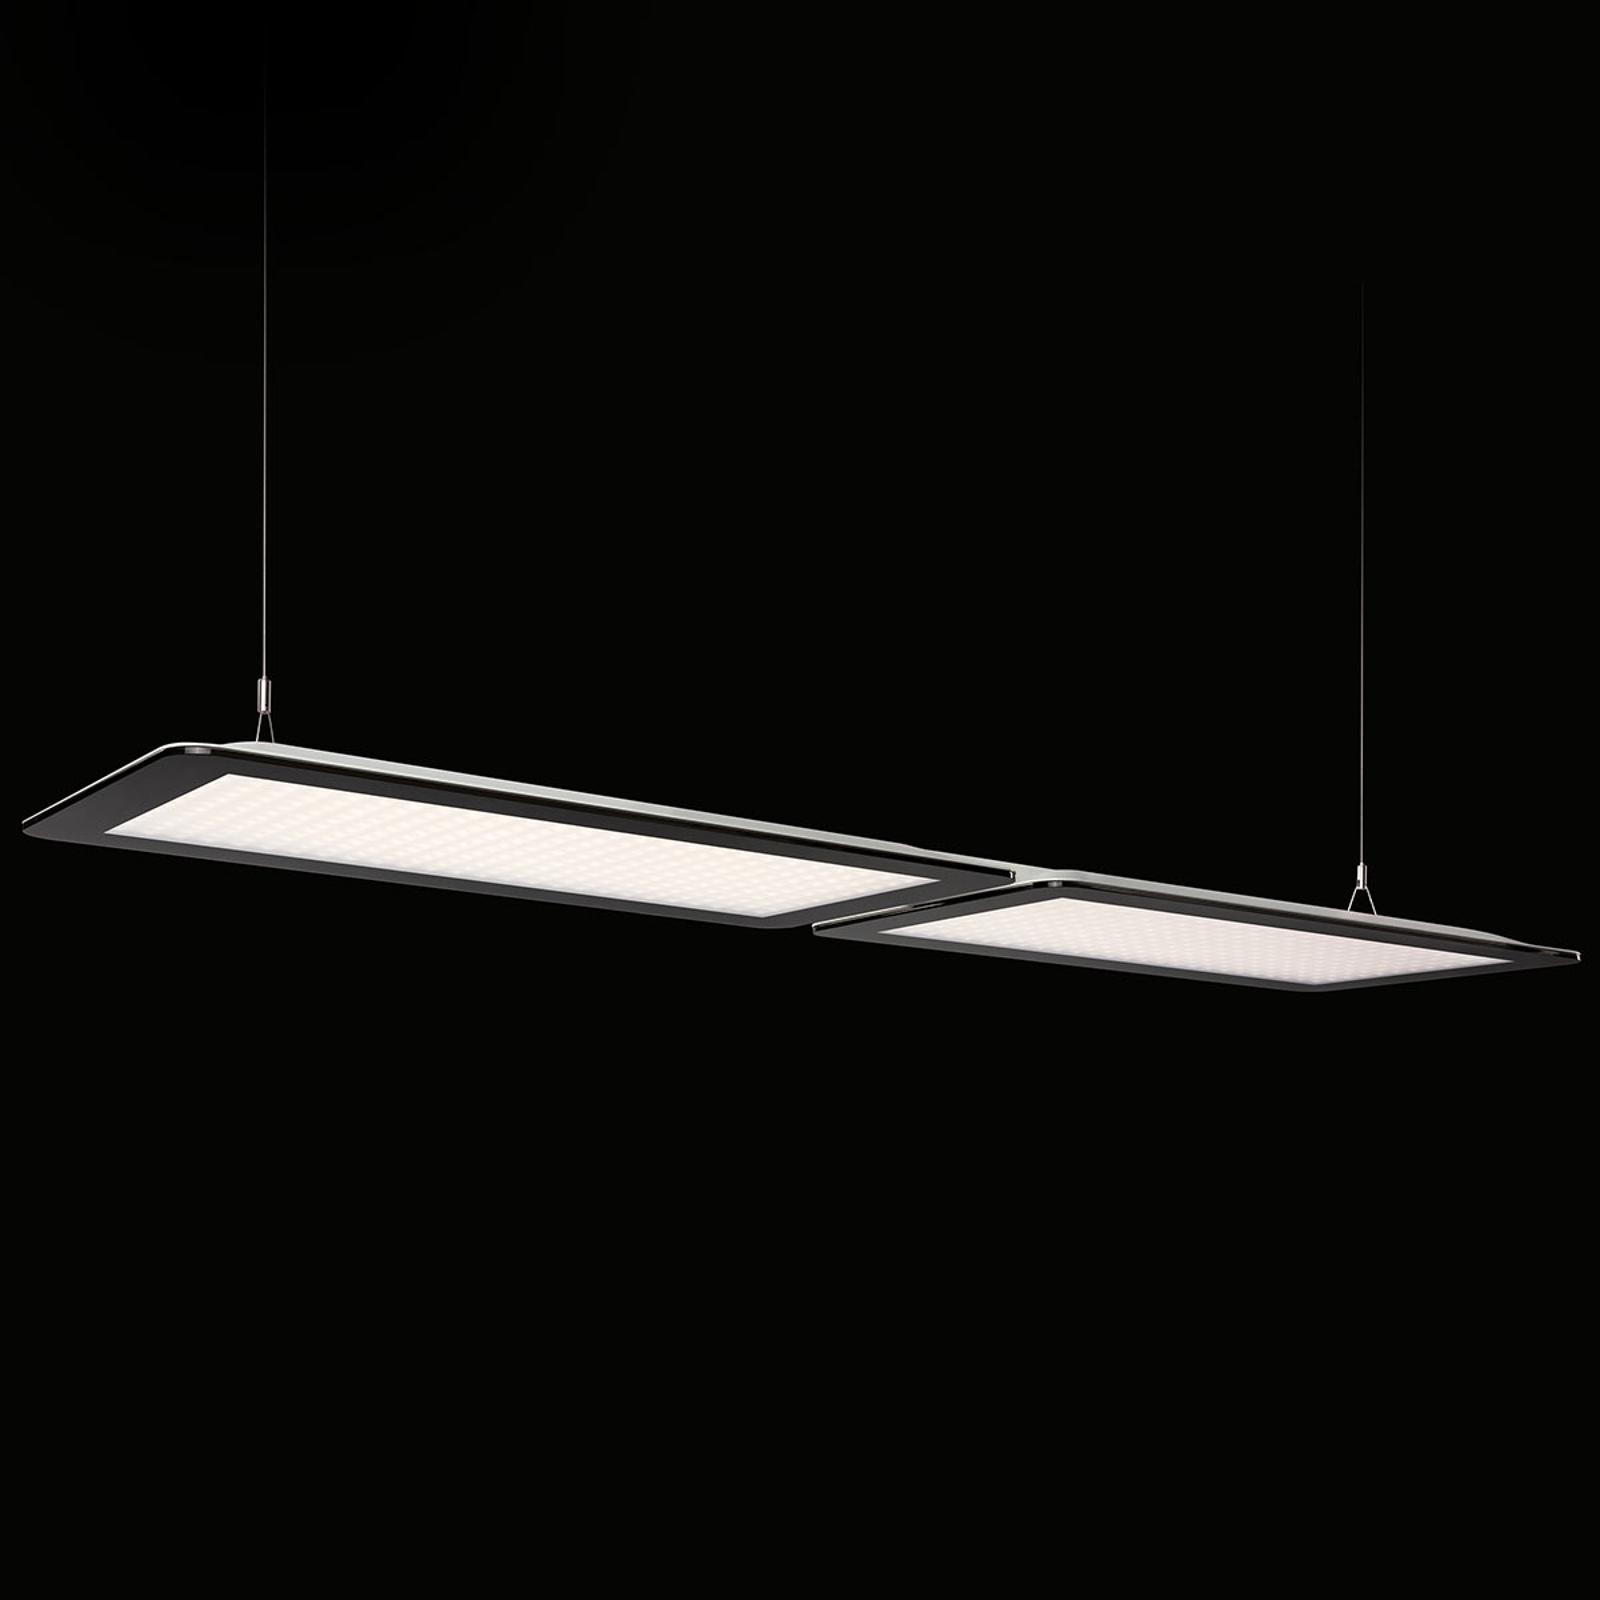 Podwójna lampa wisząca LED Dome-P-K2 dla biur